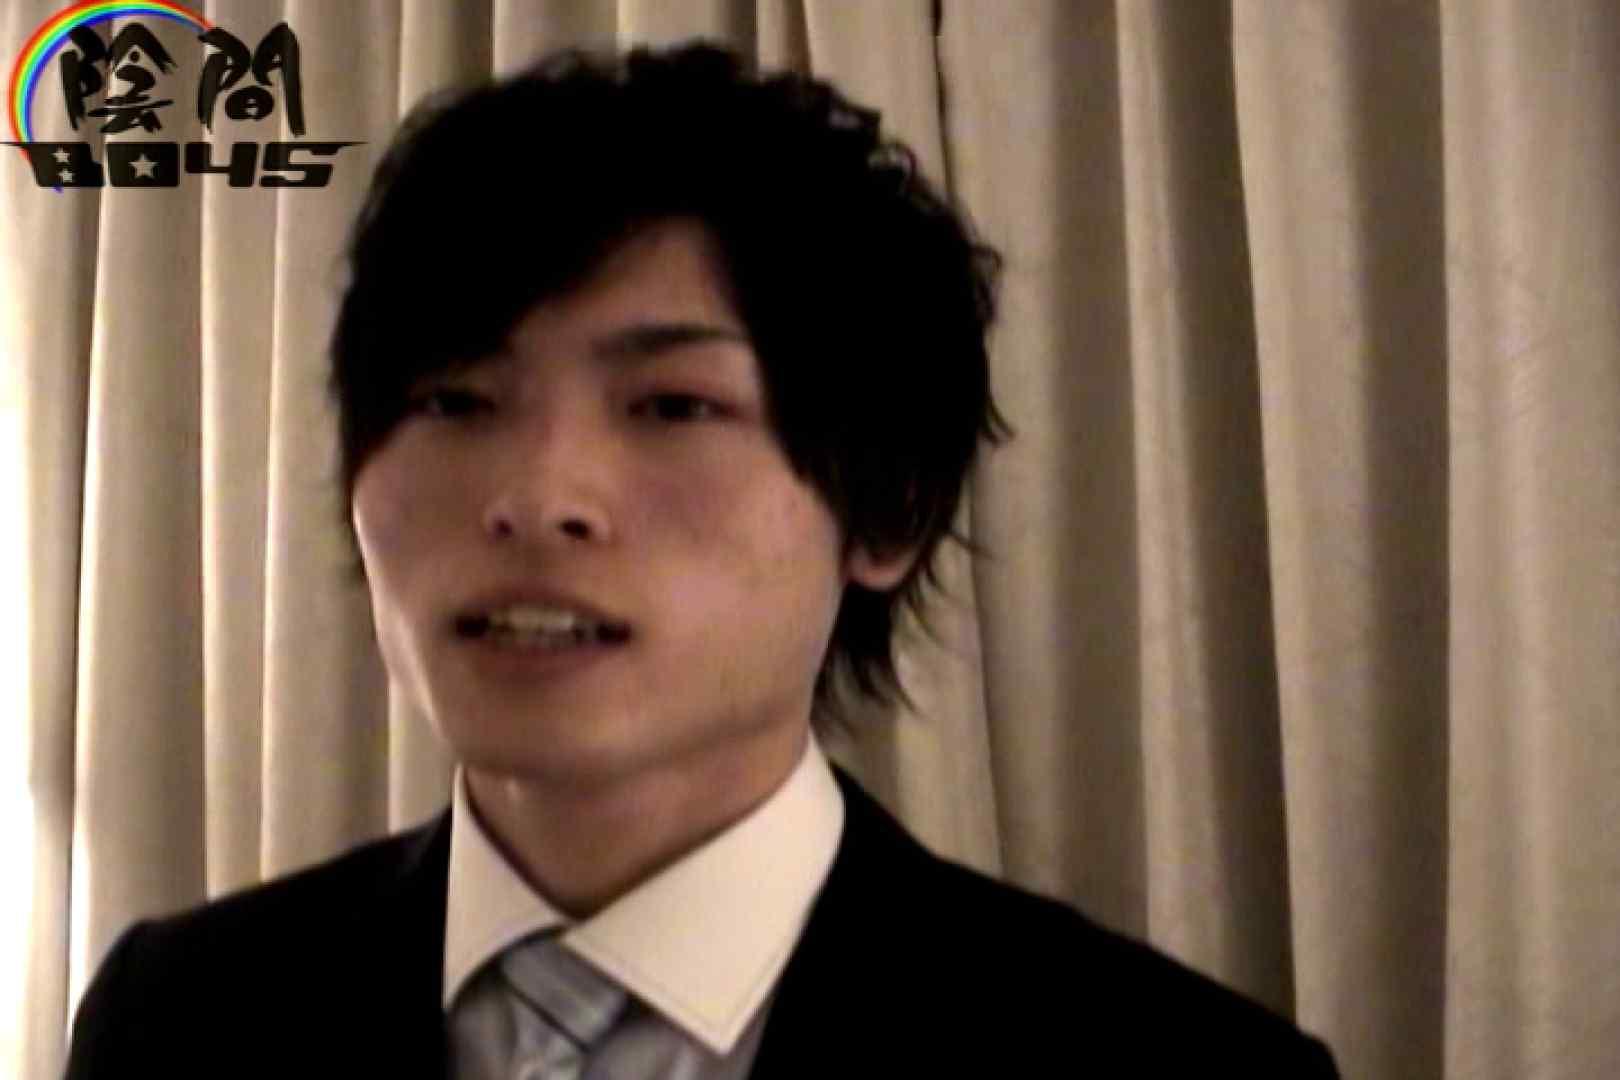 陰間BOYS~IKEMEN Interview~01  面接 | 学生 ゲイエロビデオ画像 11連発 6